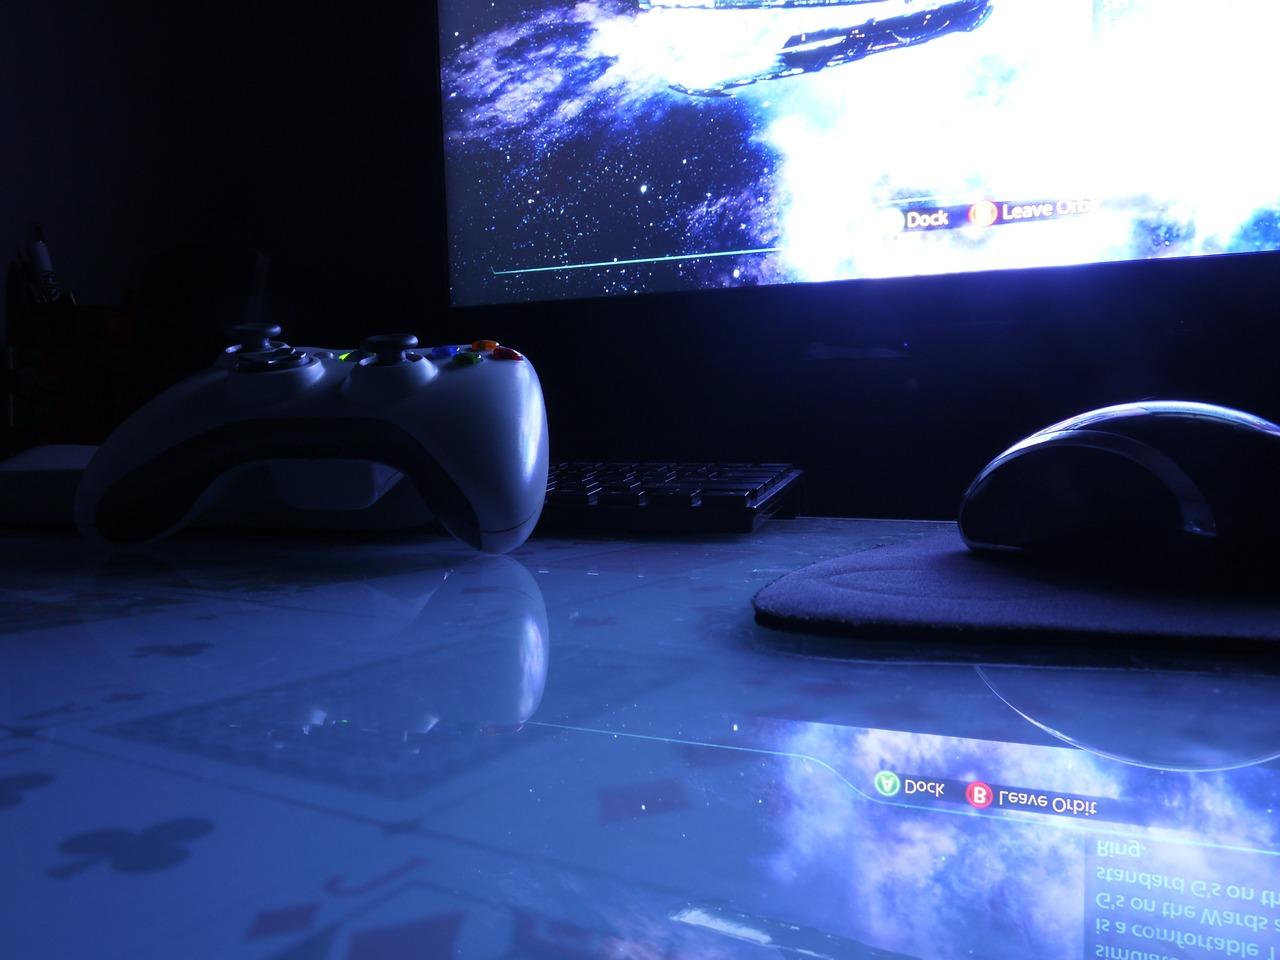 Jeux vidéos : pourquoi limiter le temps de jeu ?